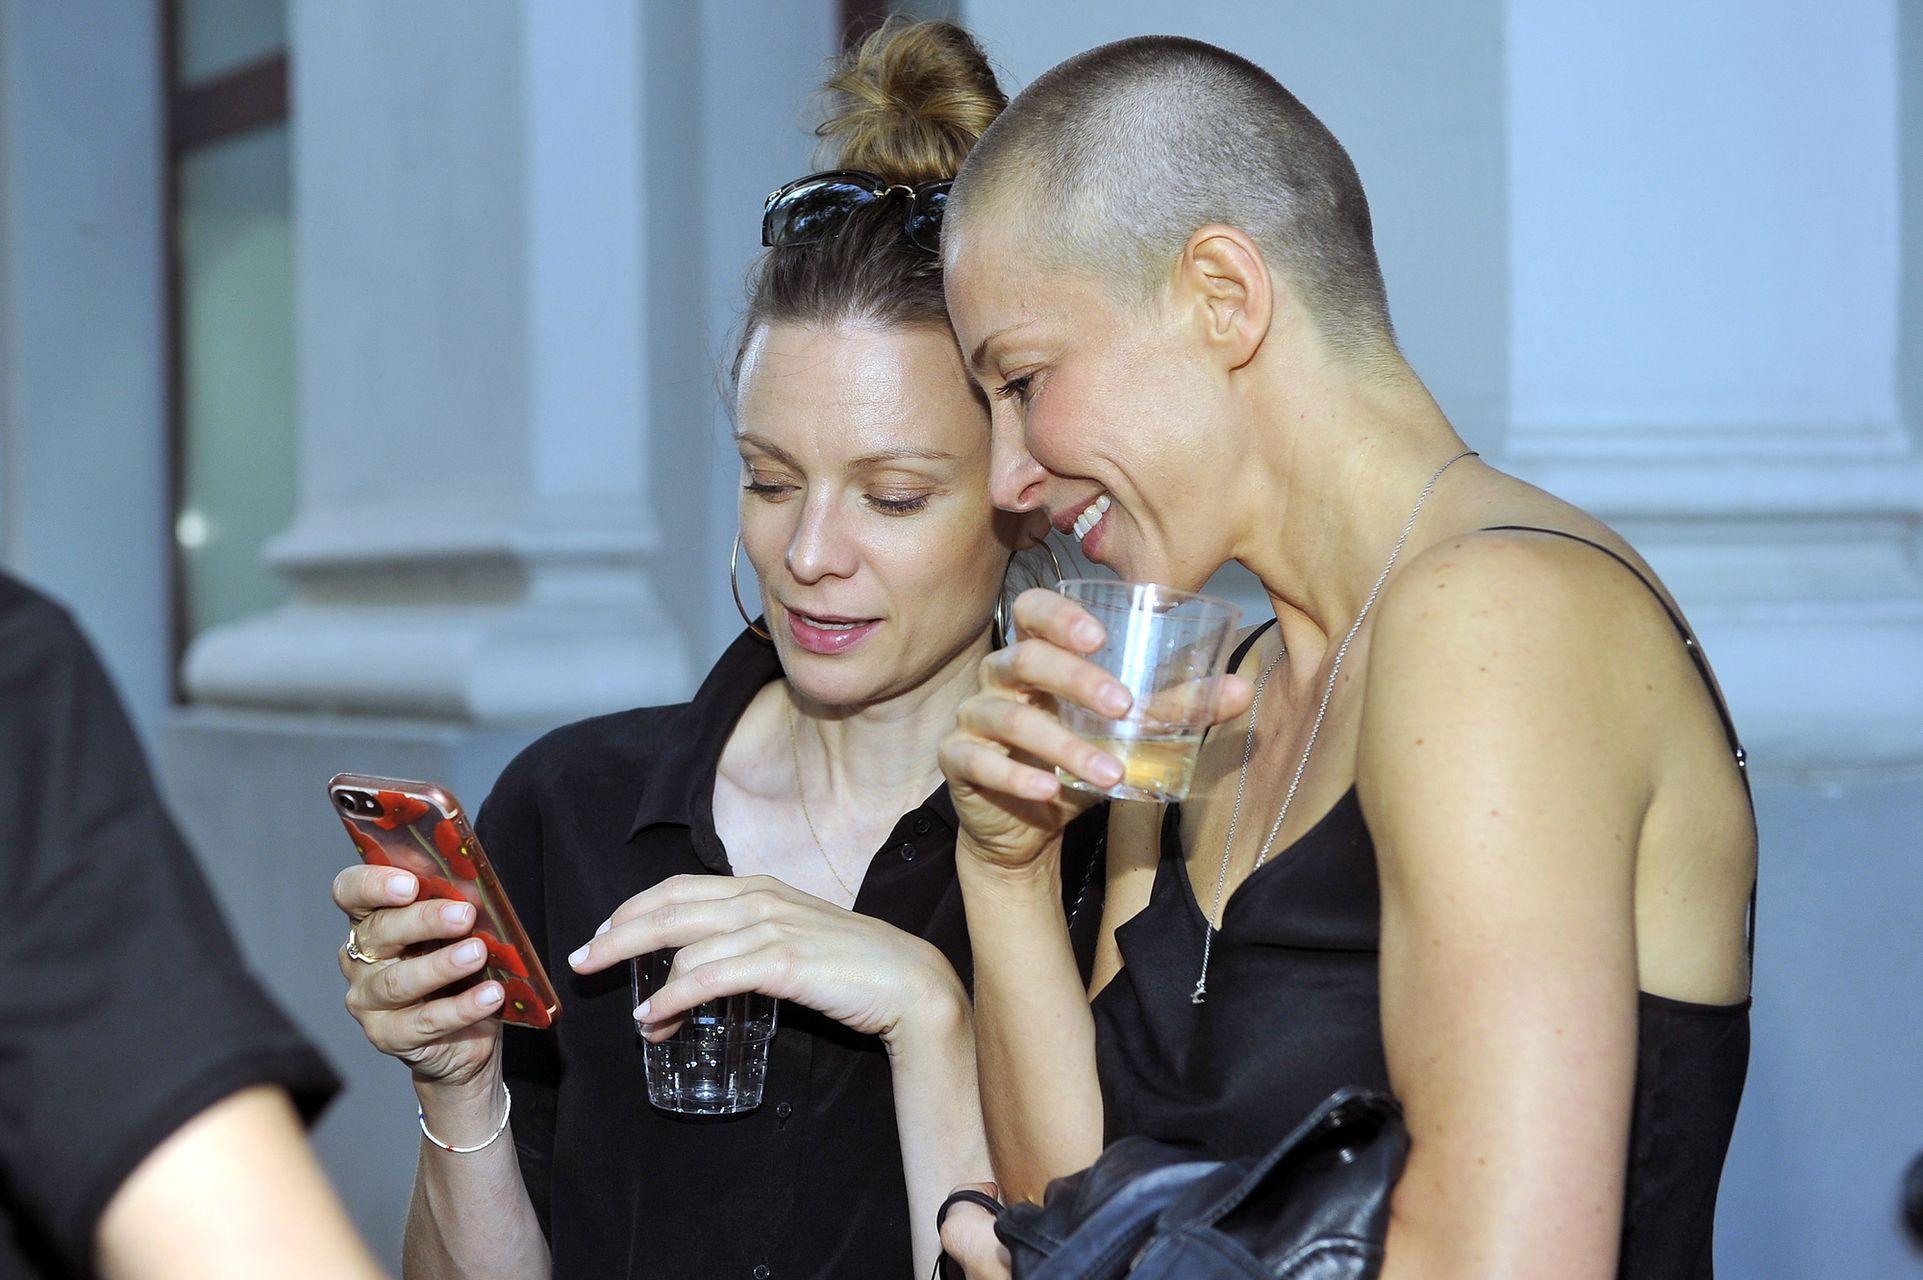 scena z: Magdalena Boczarska, Katarzyna Warnke, SK:, , fot. Niemiec/AKPA